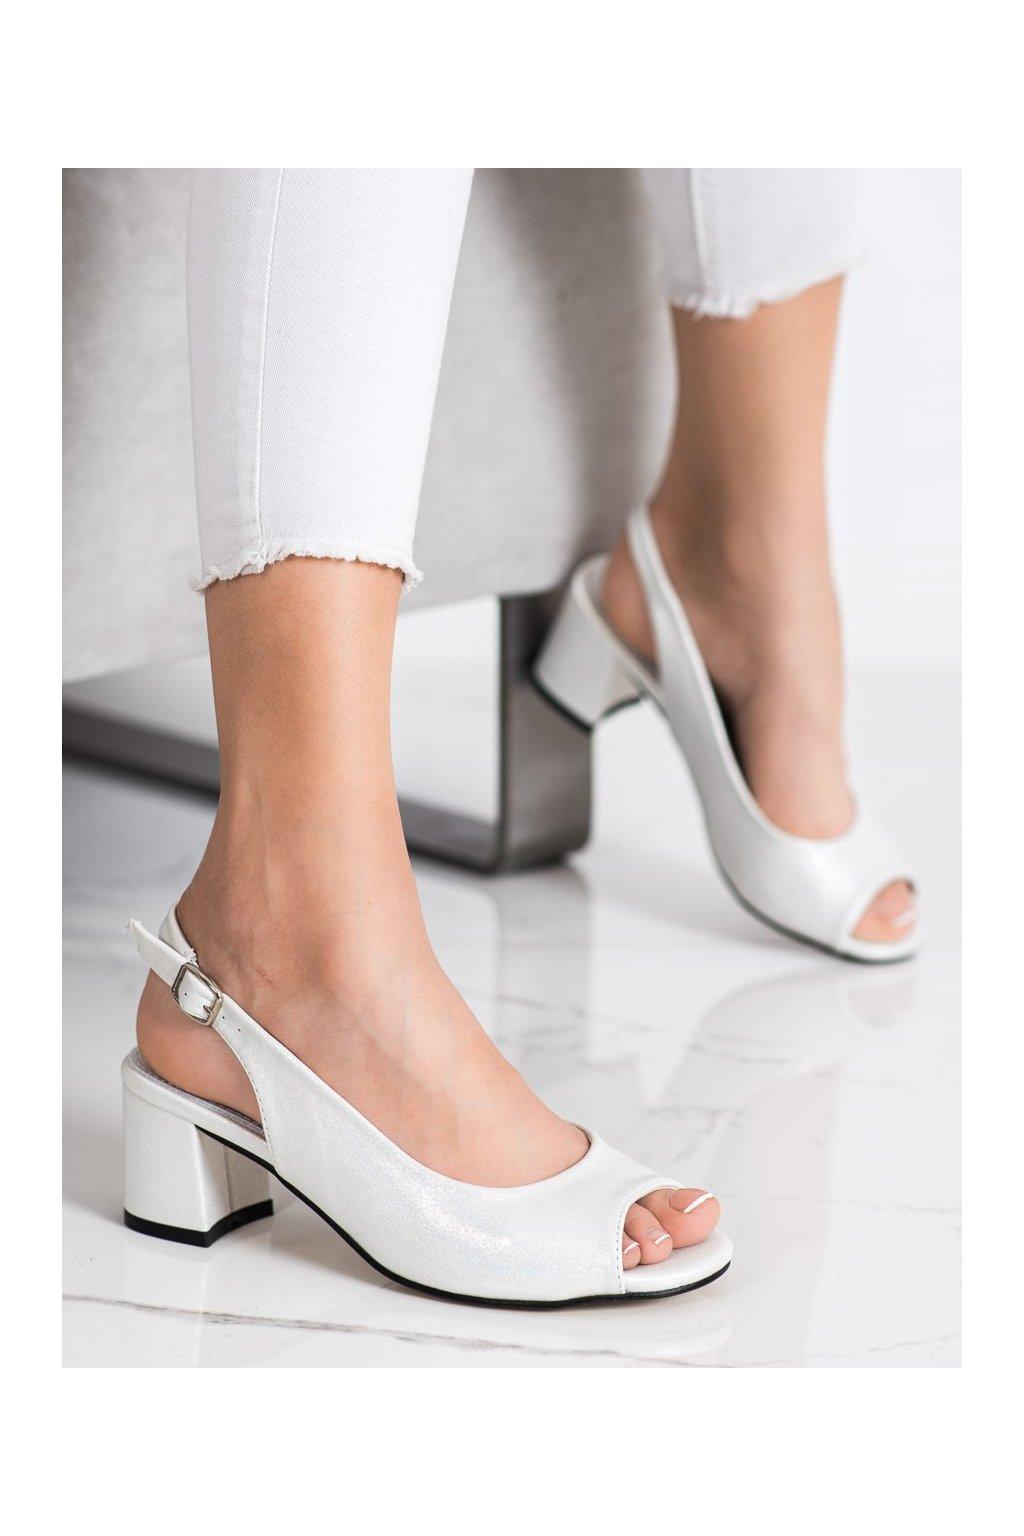 Biele sandále Goodin kod GD-FL1062W